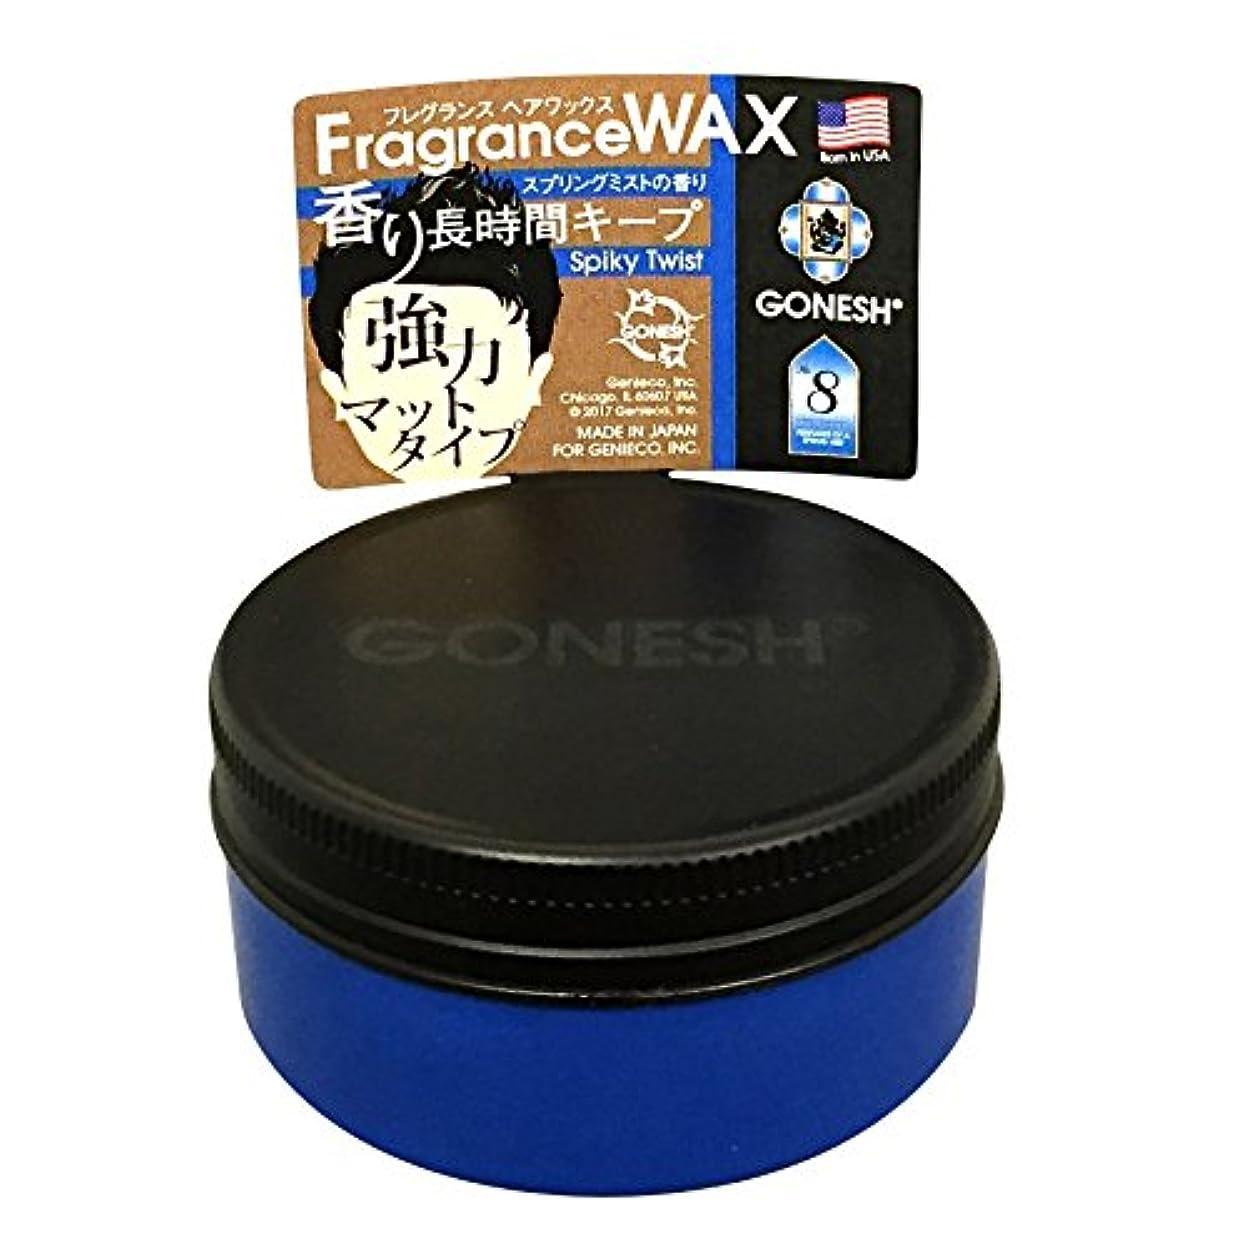 オリエント優先乳GONESH フレグランスヘアワックス(スタイリング剤) NO.8 強力マットタイプ 60g